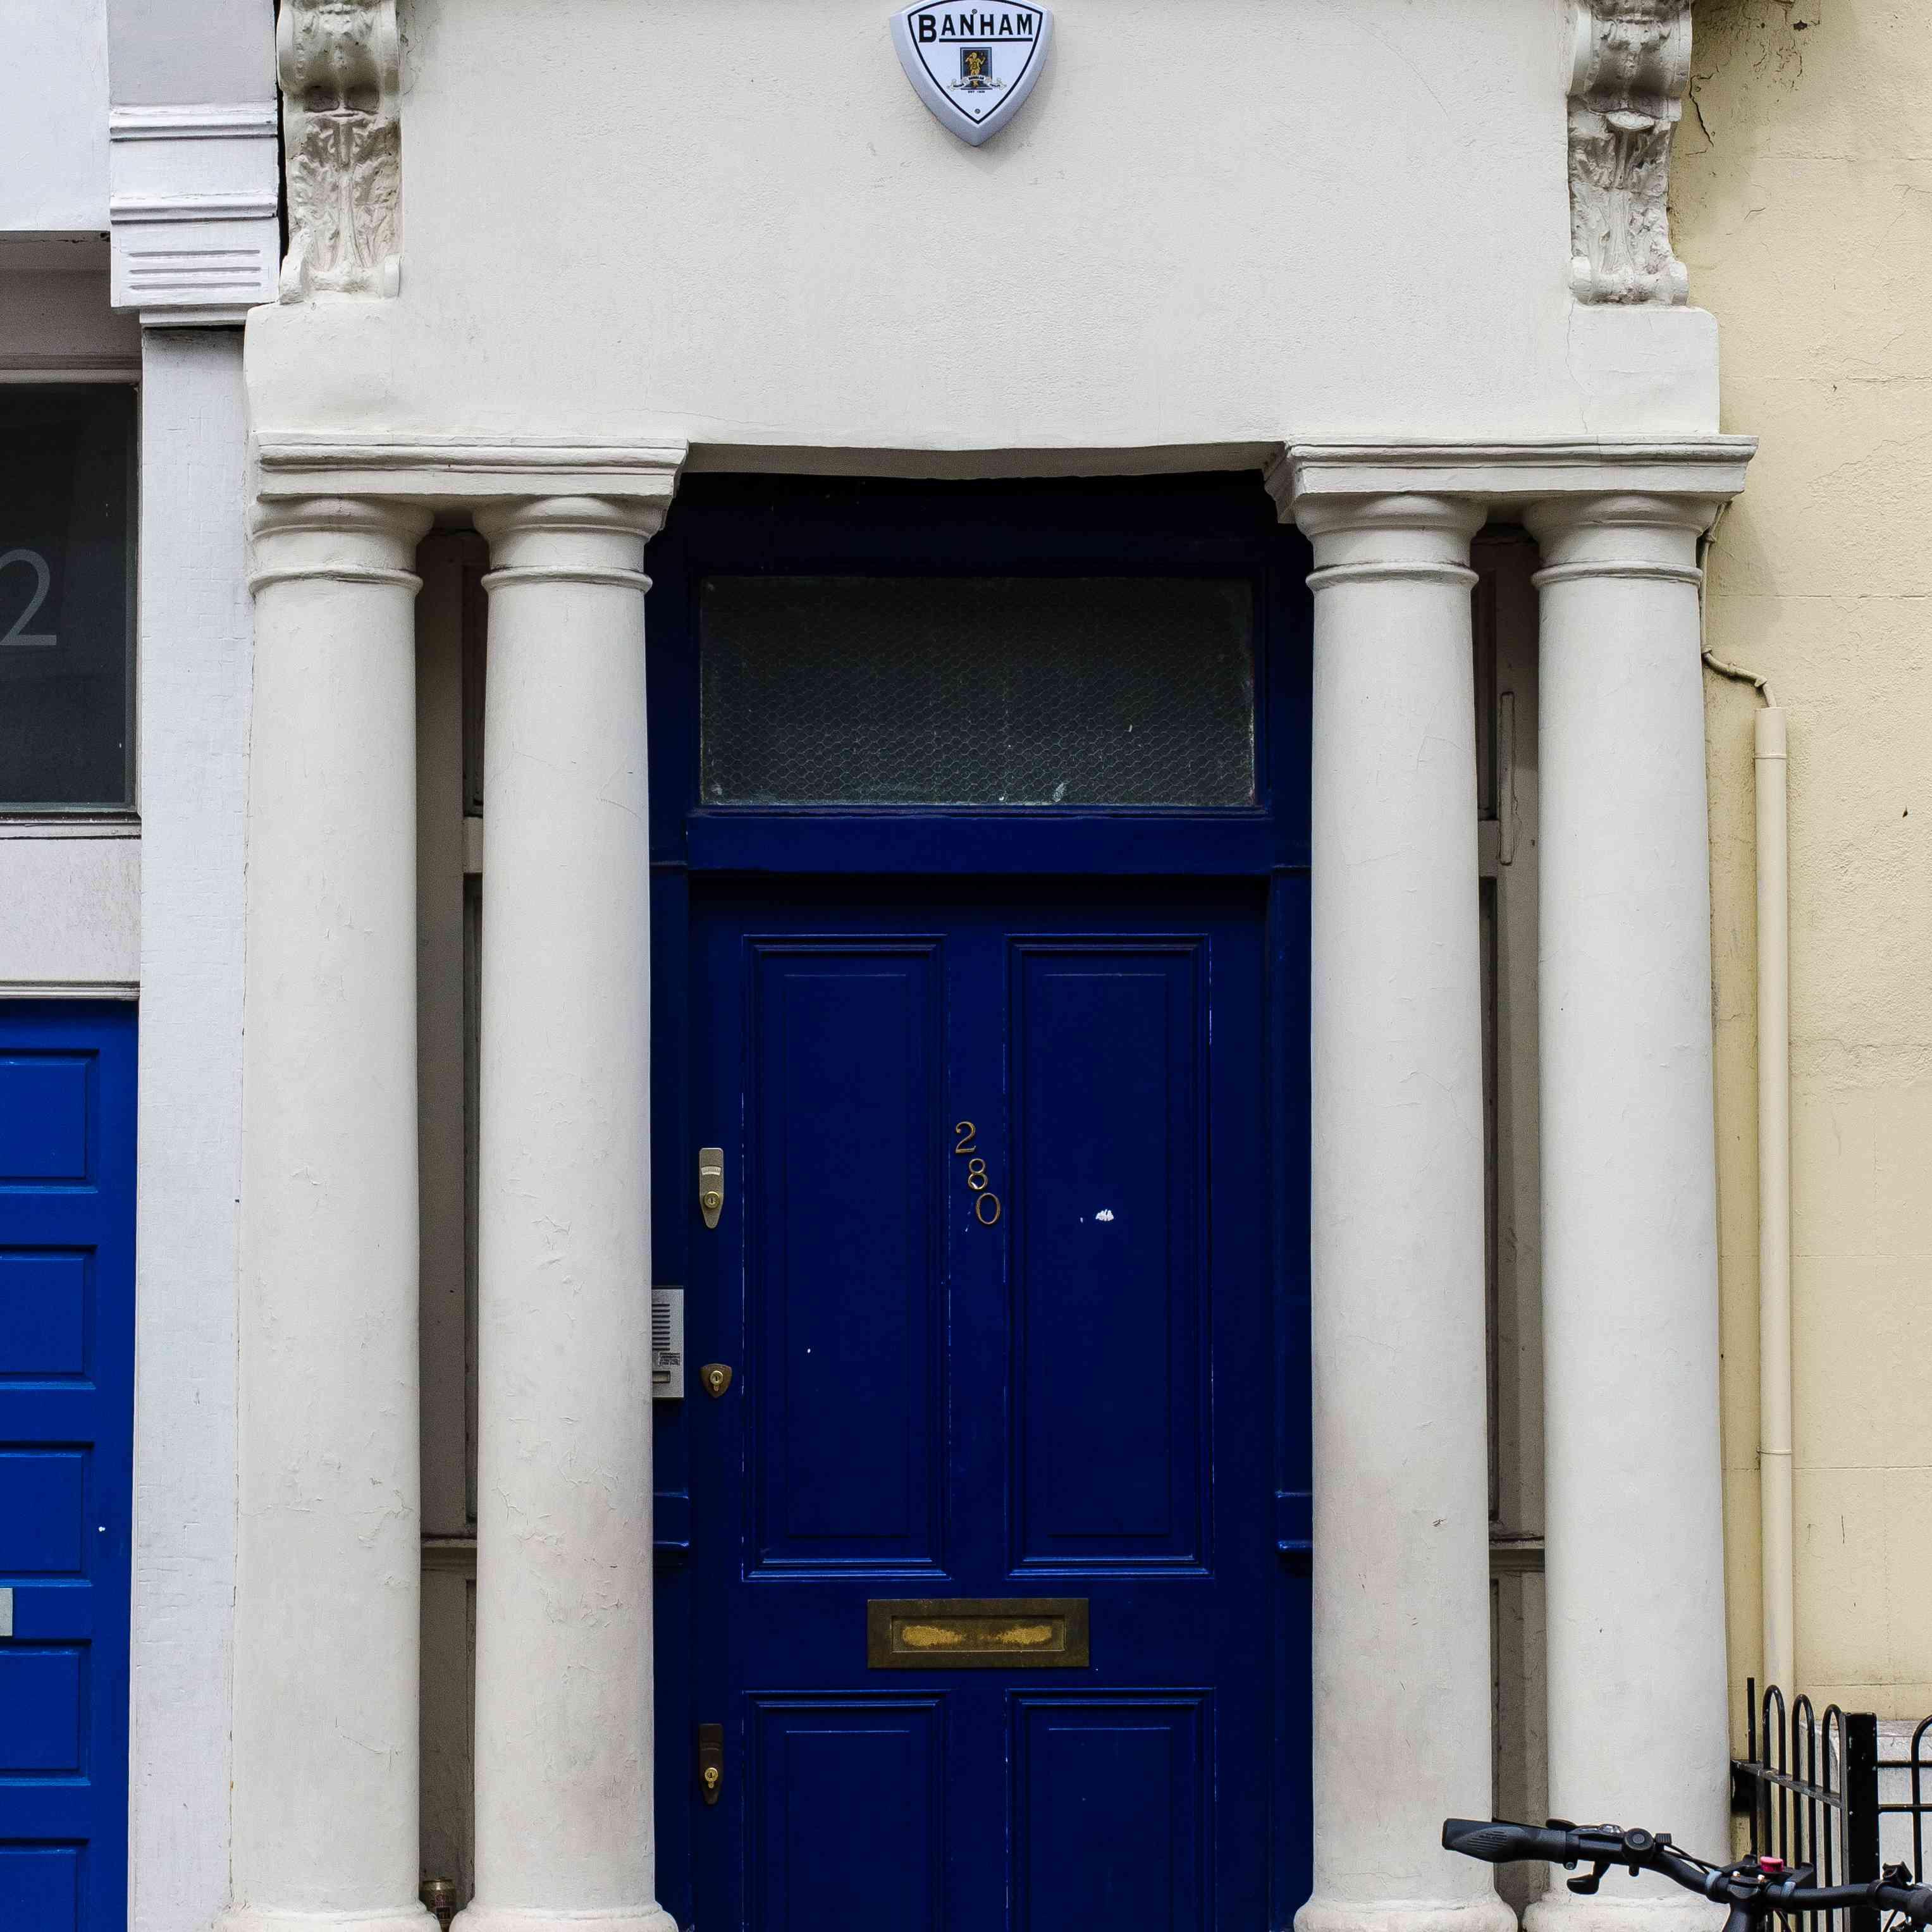 Hugh Grant Notting Hill door